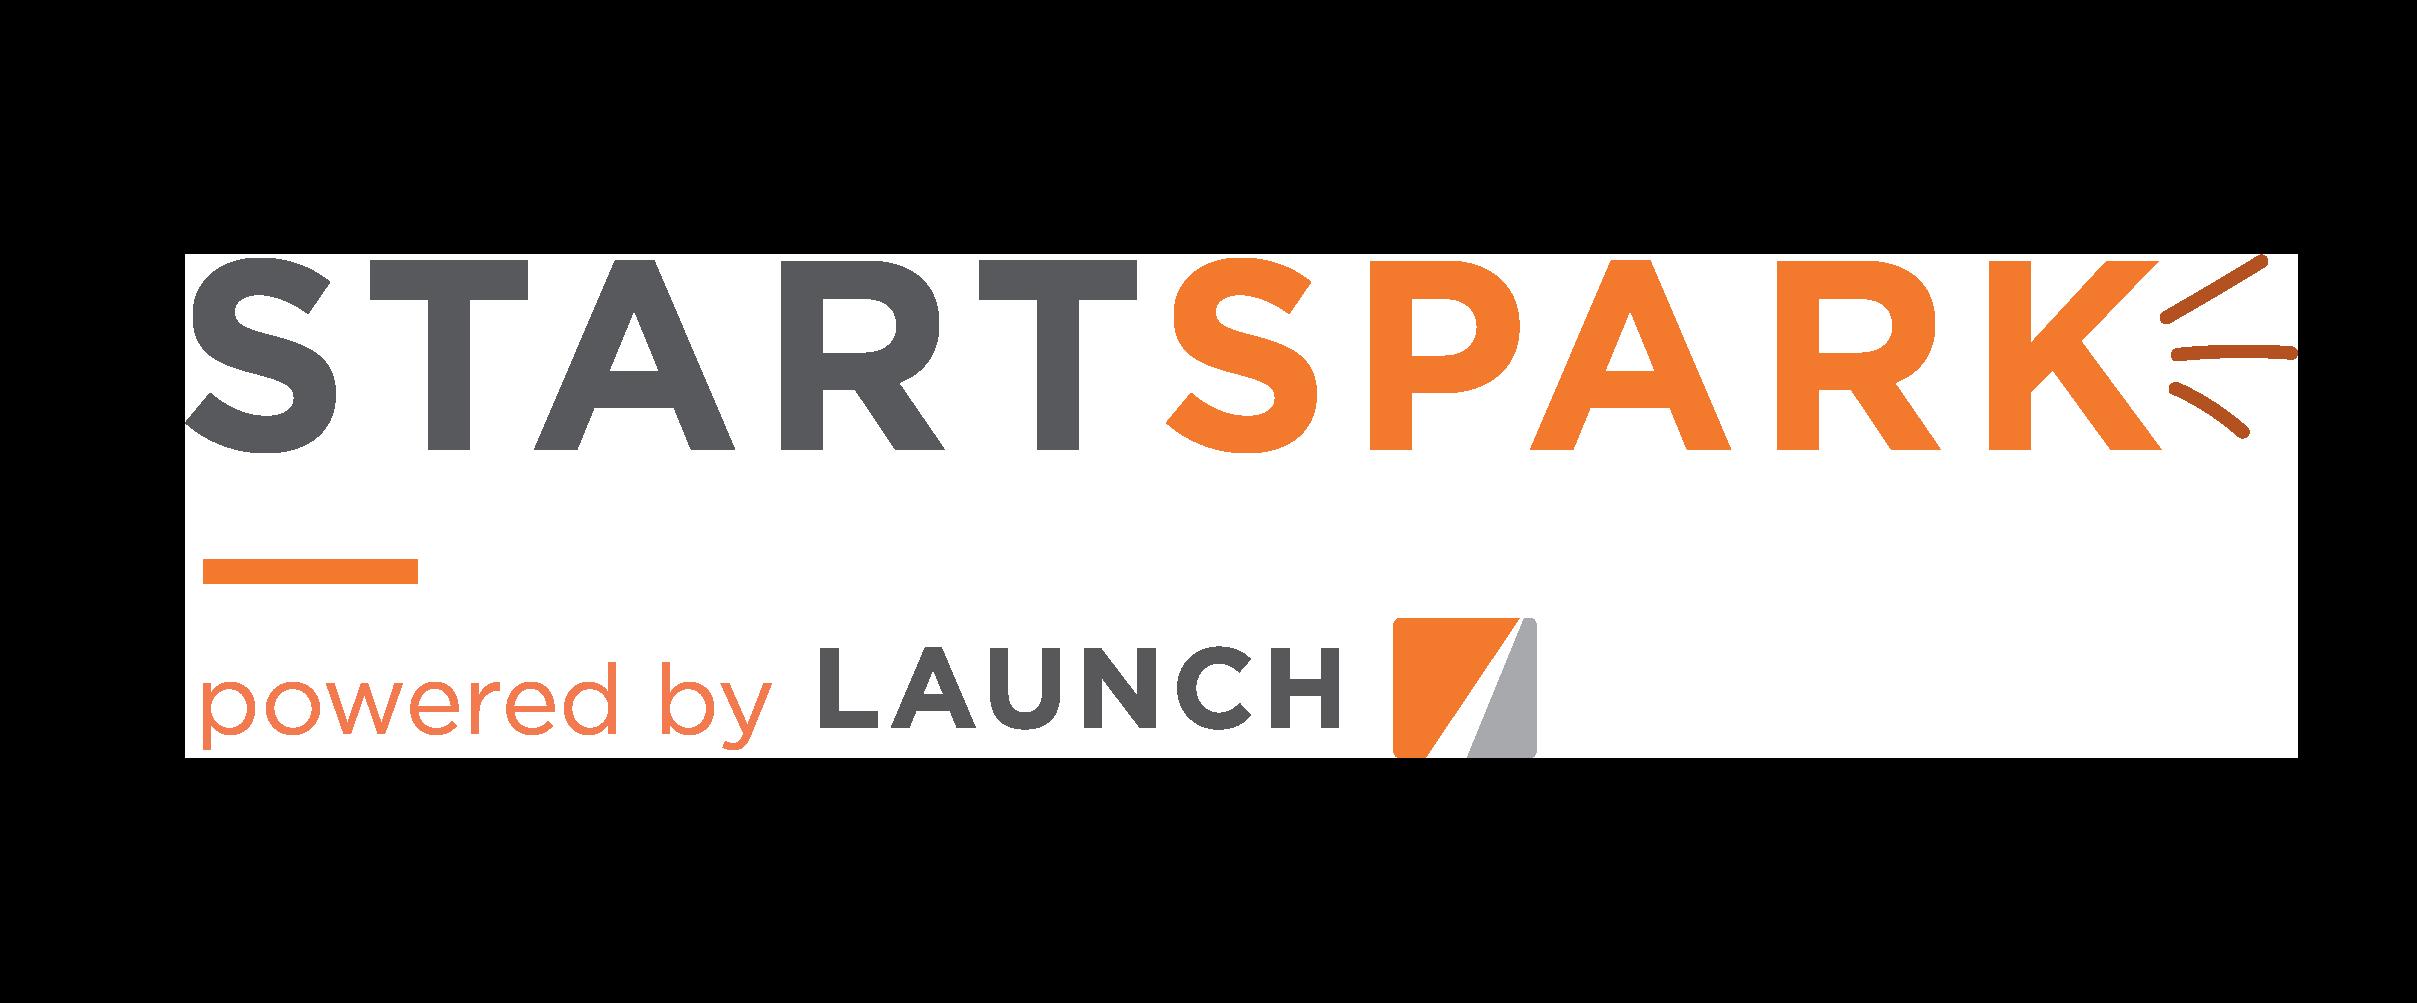 StartSpark